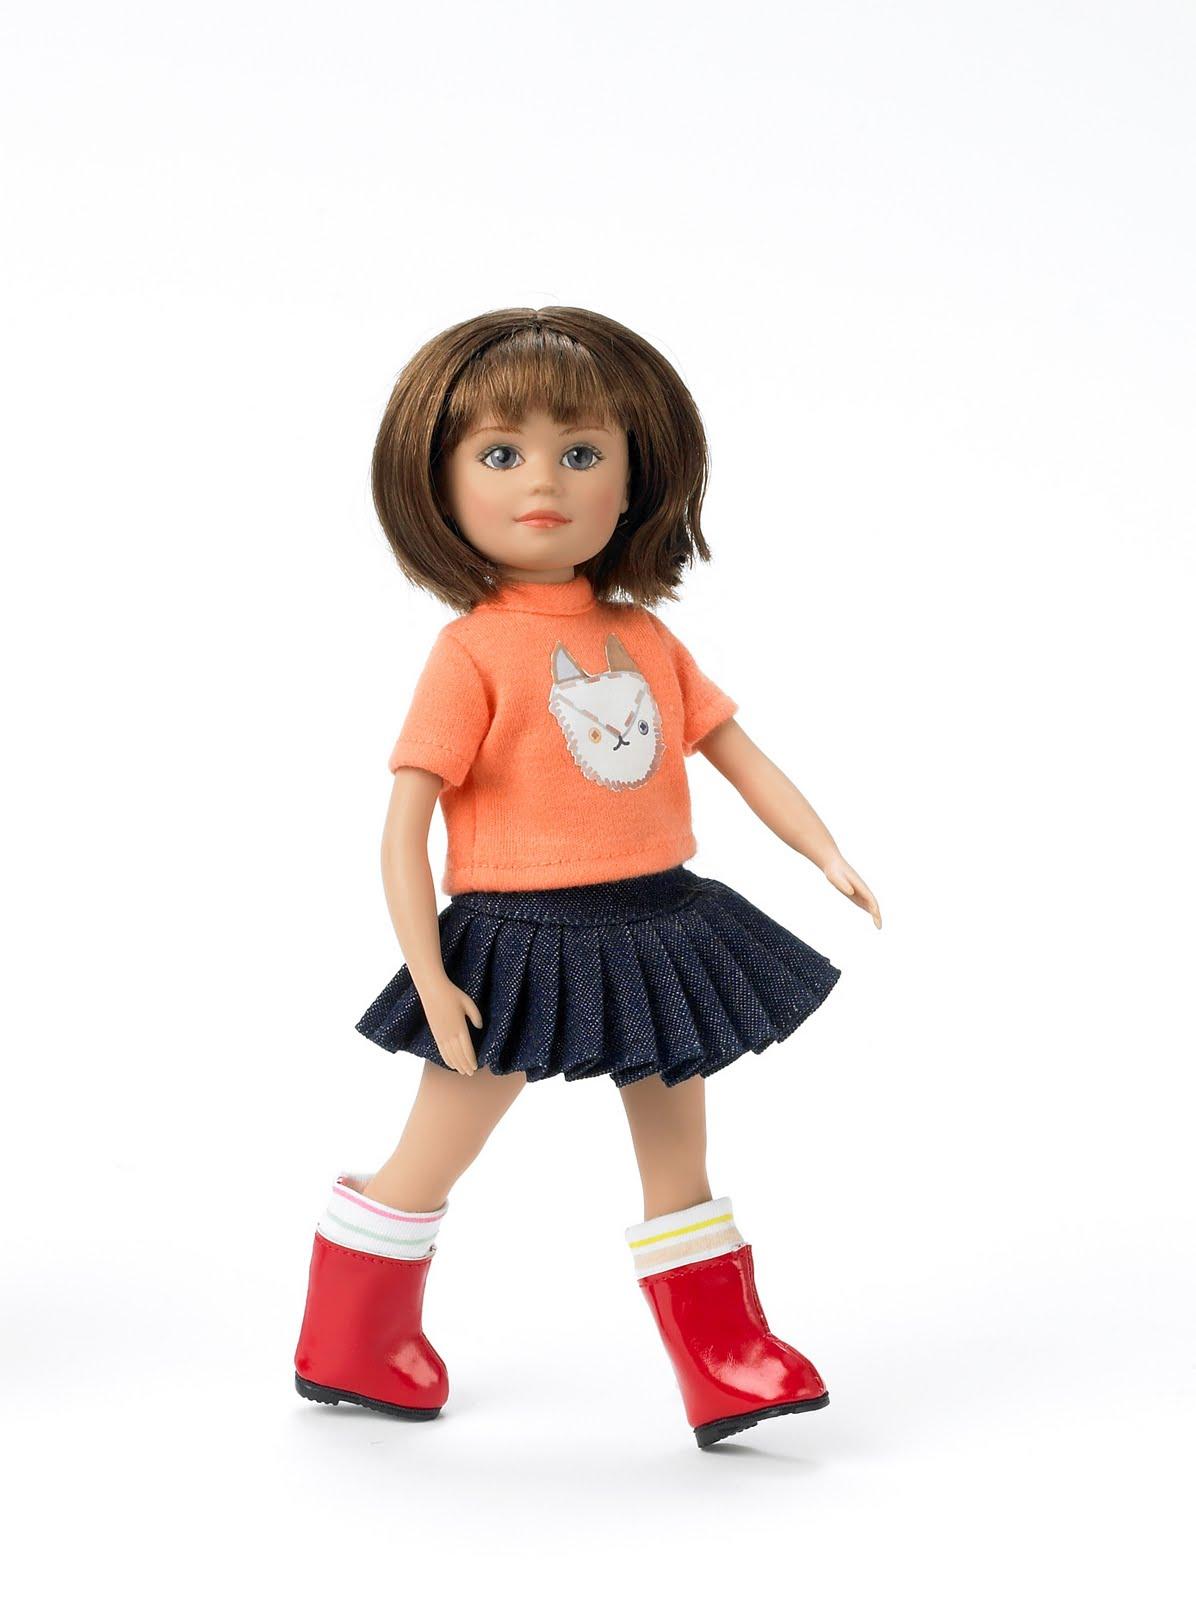 [Ramona Quimby doll].